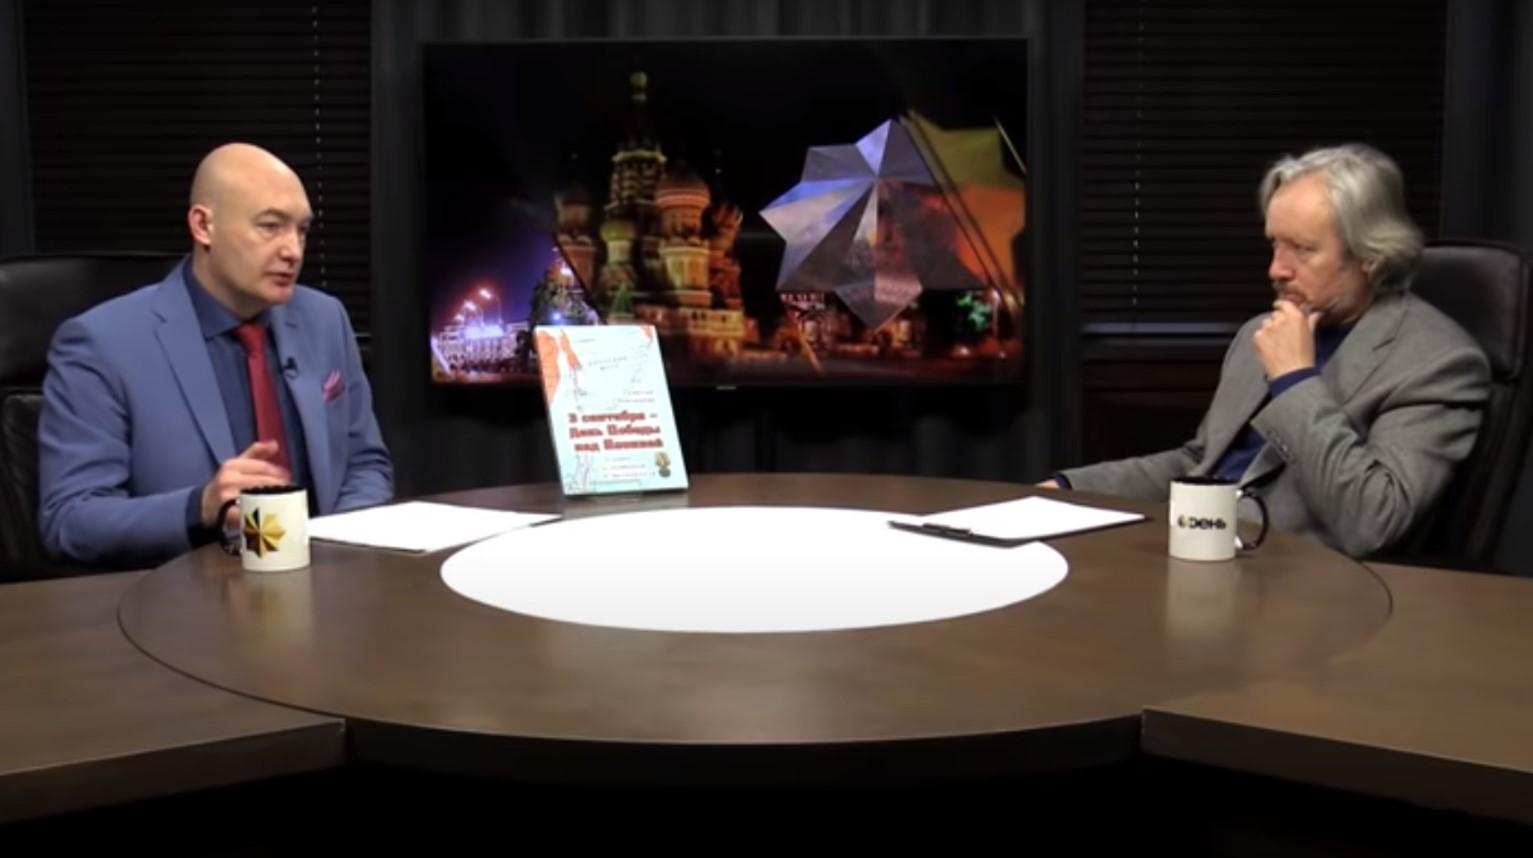 Недооценённый триумф. СССР против Японии во Второй мировой. Интервью И. Шишкину на День ТВ, 6.3.2021